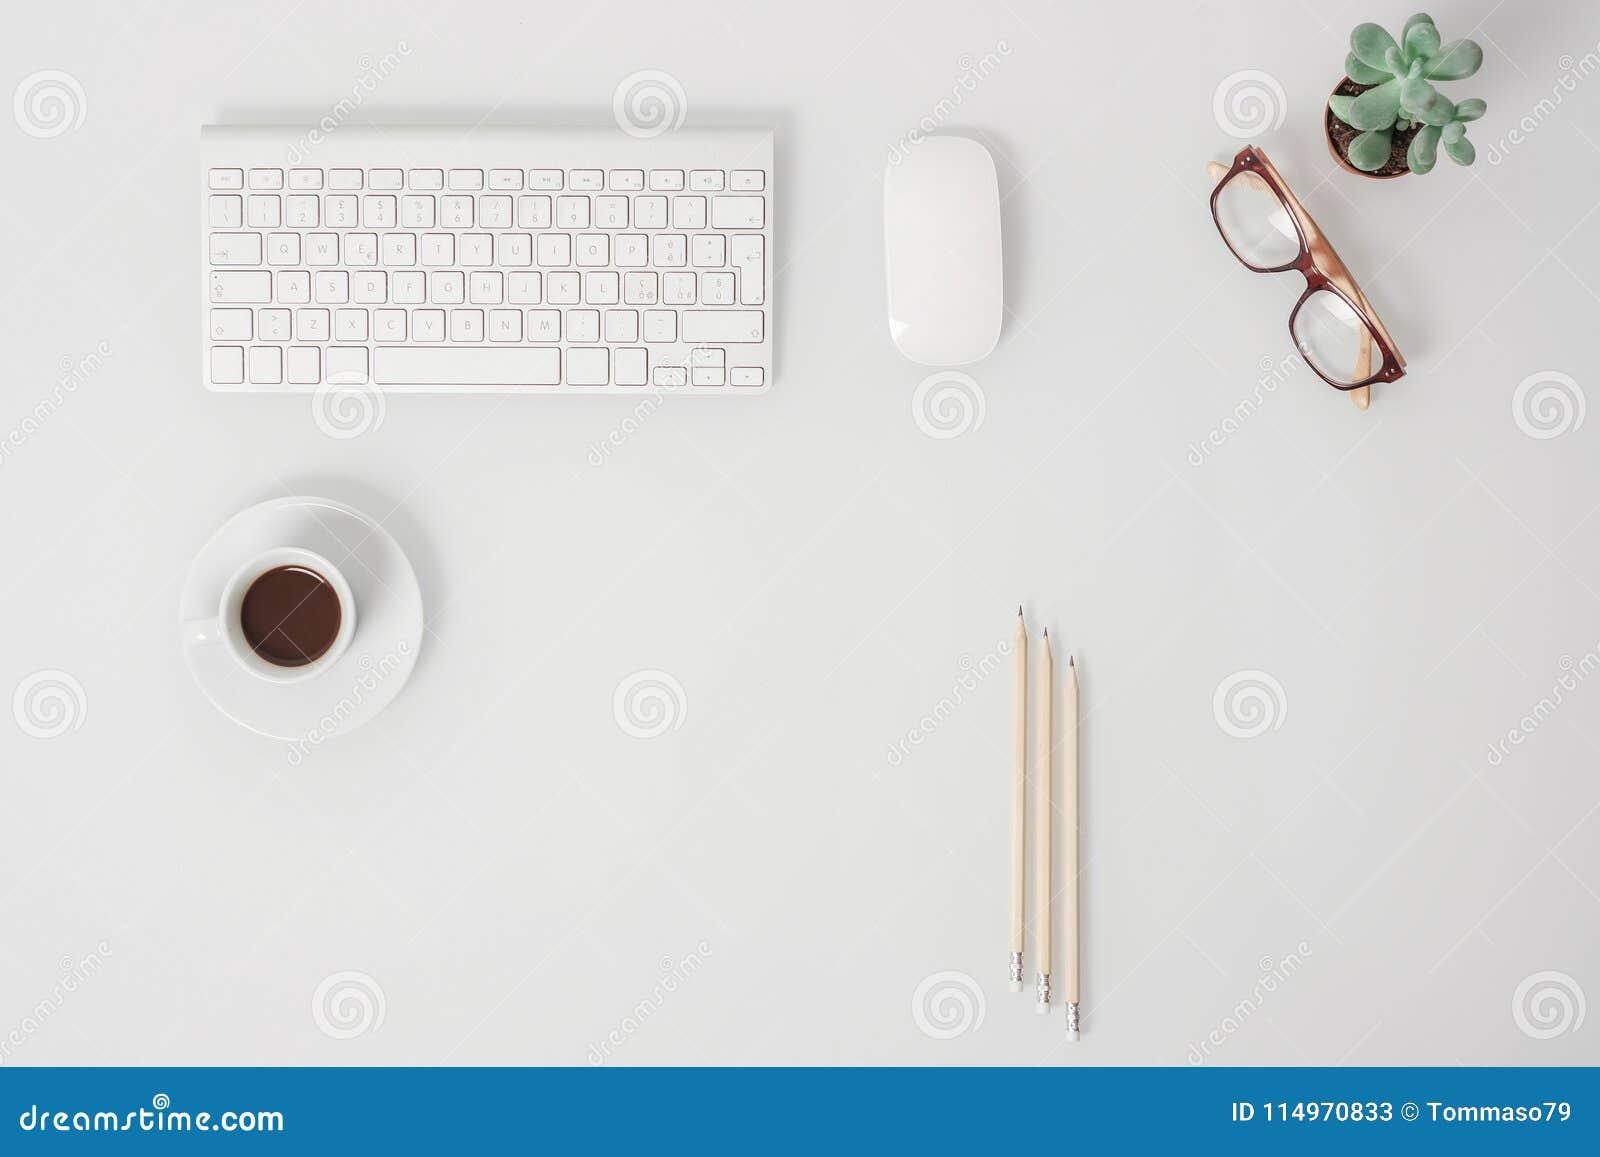 Scrivania Ufficio Organizzata : Vista da sopra della scrivania organizzata con lo spazio vuoto